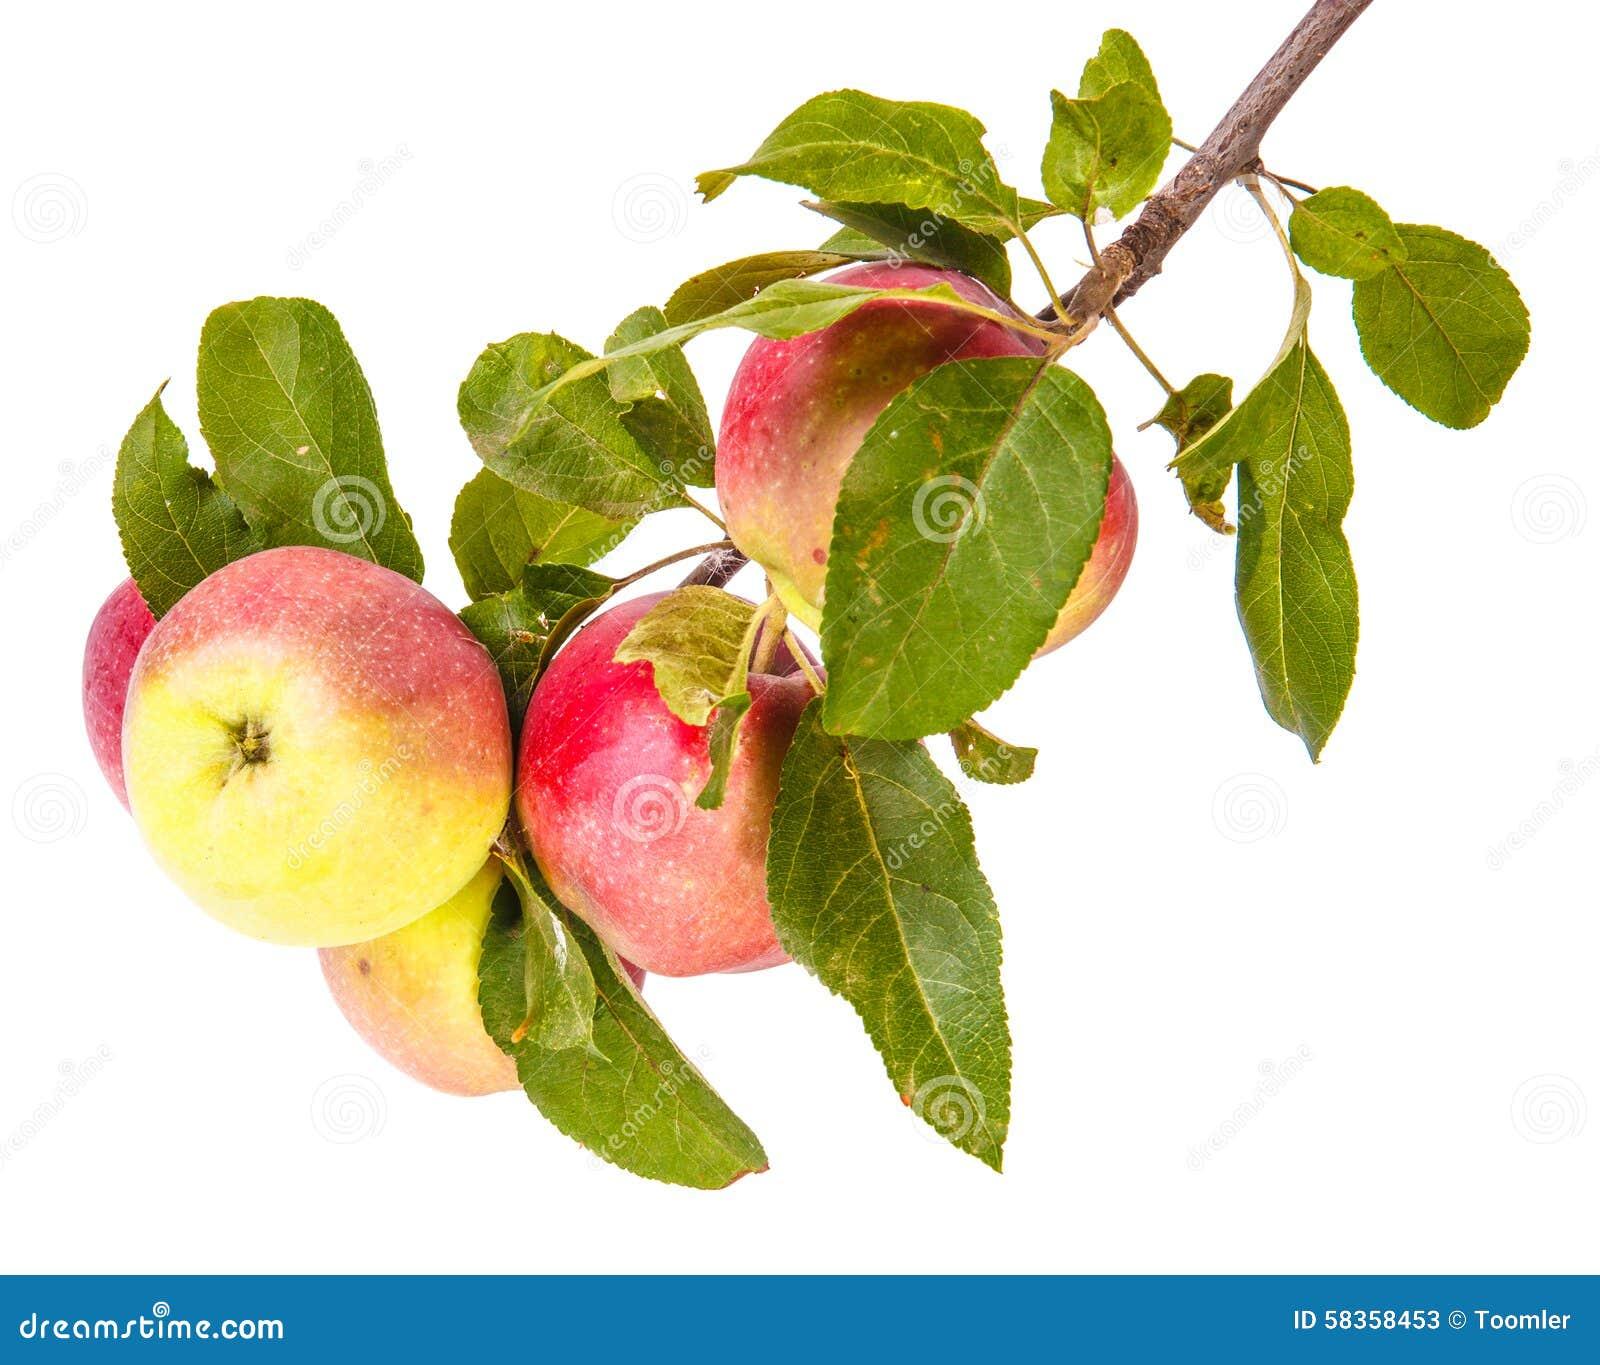 成熟苹果的分行